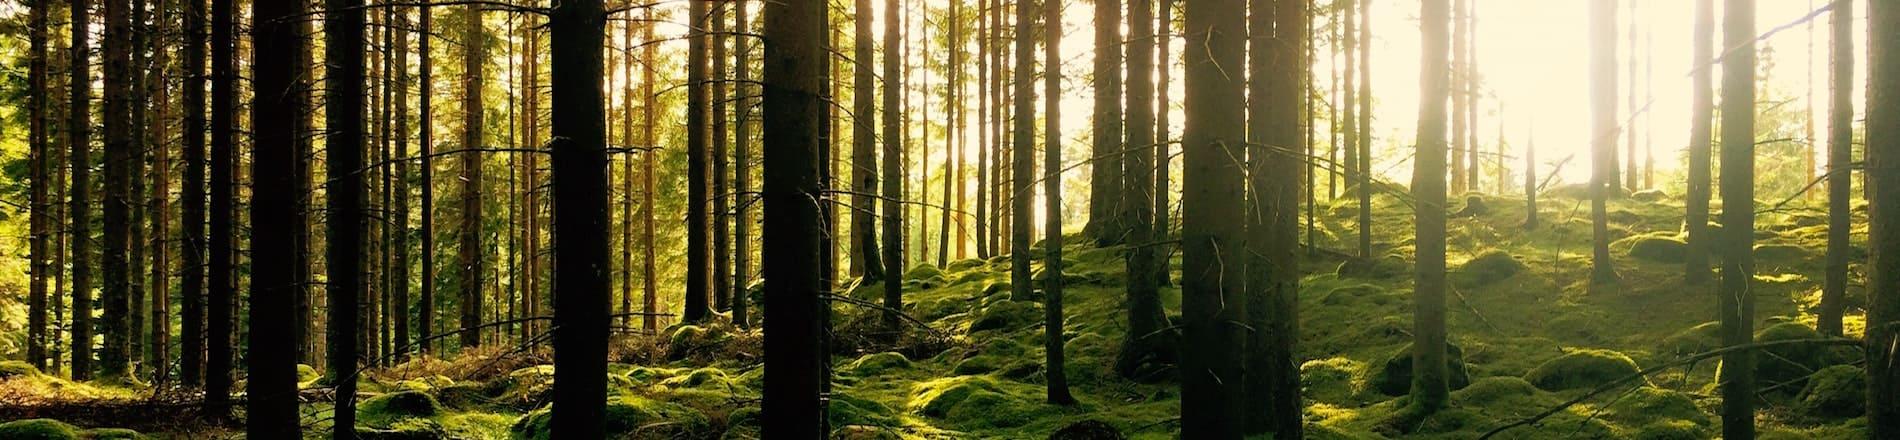 Forêt de pins et lumière du soleil levant